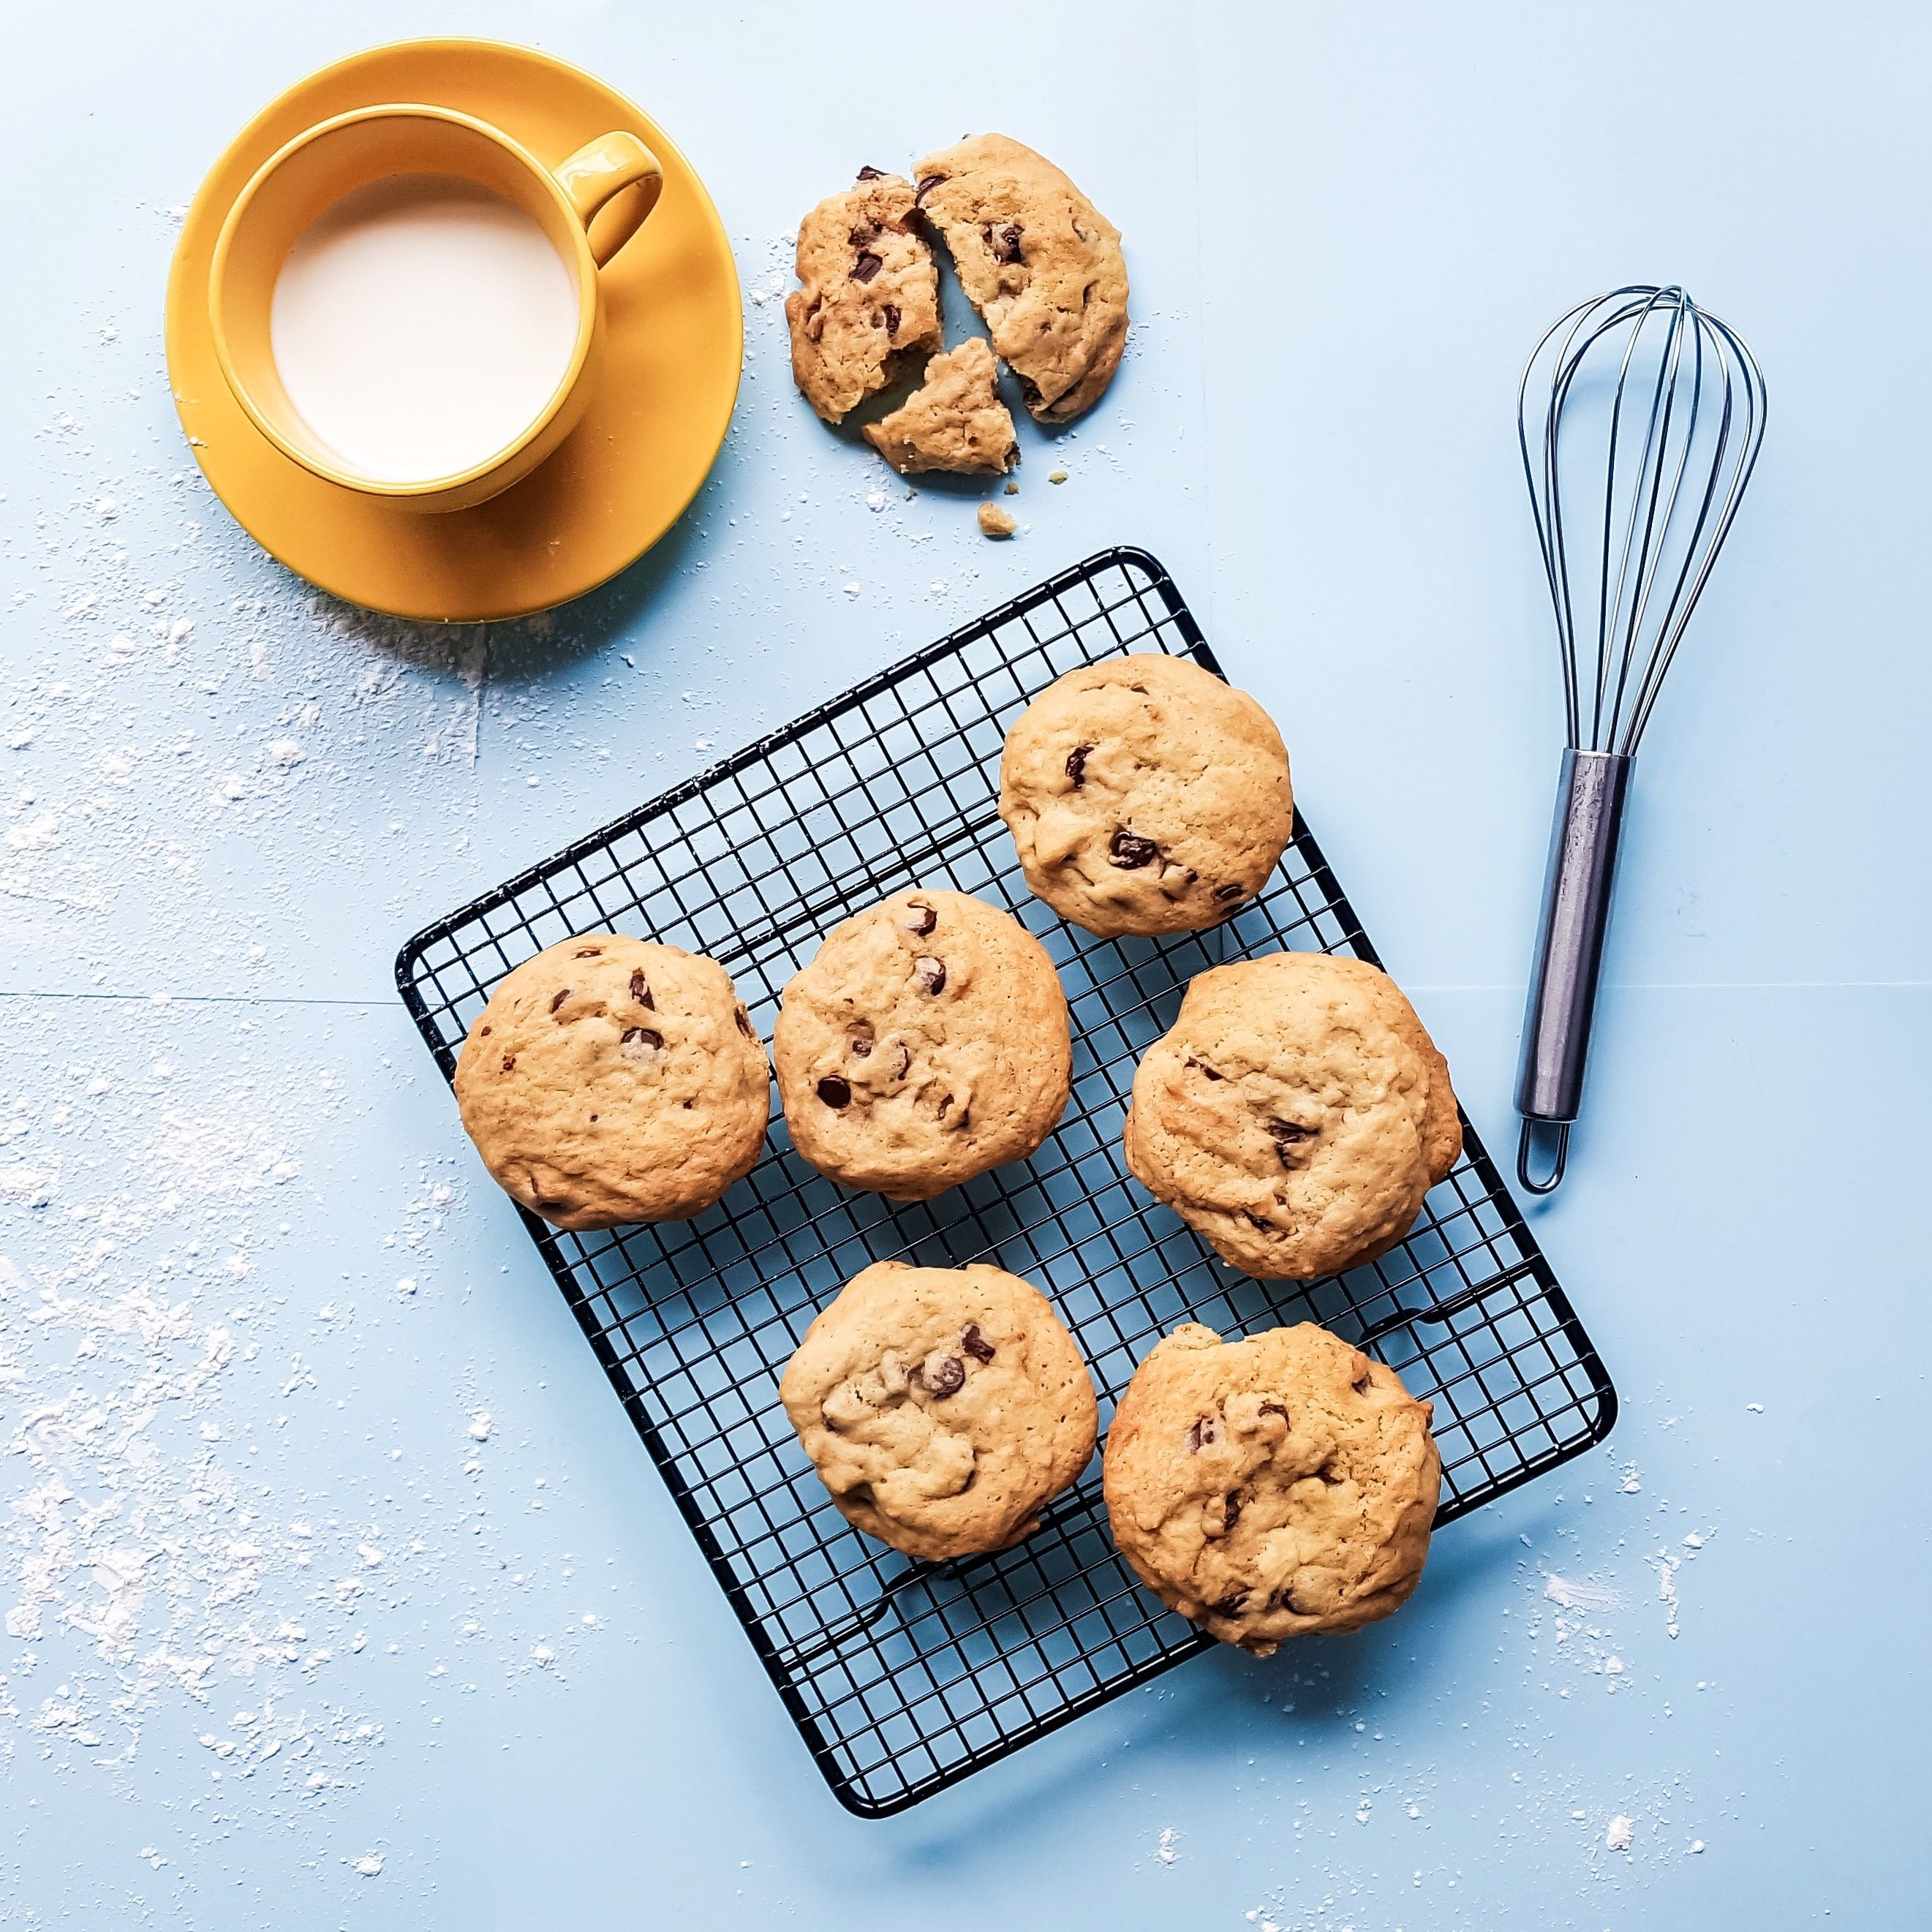 Cookies_rai-vidanes-tvy3x2vu_z4-unsplash